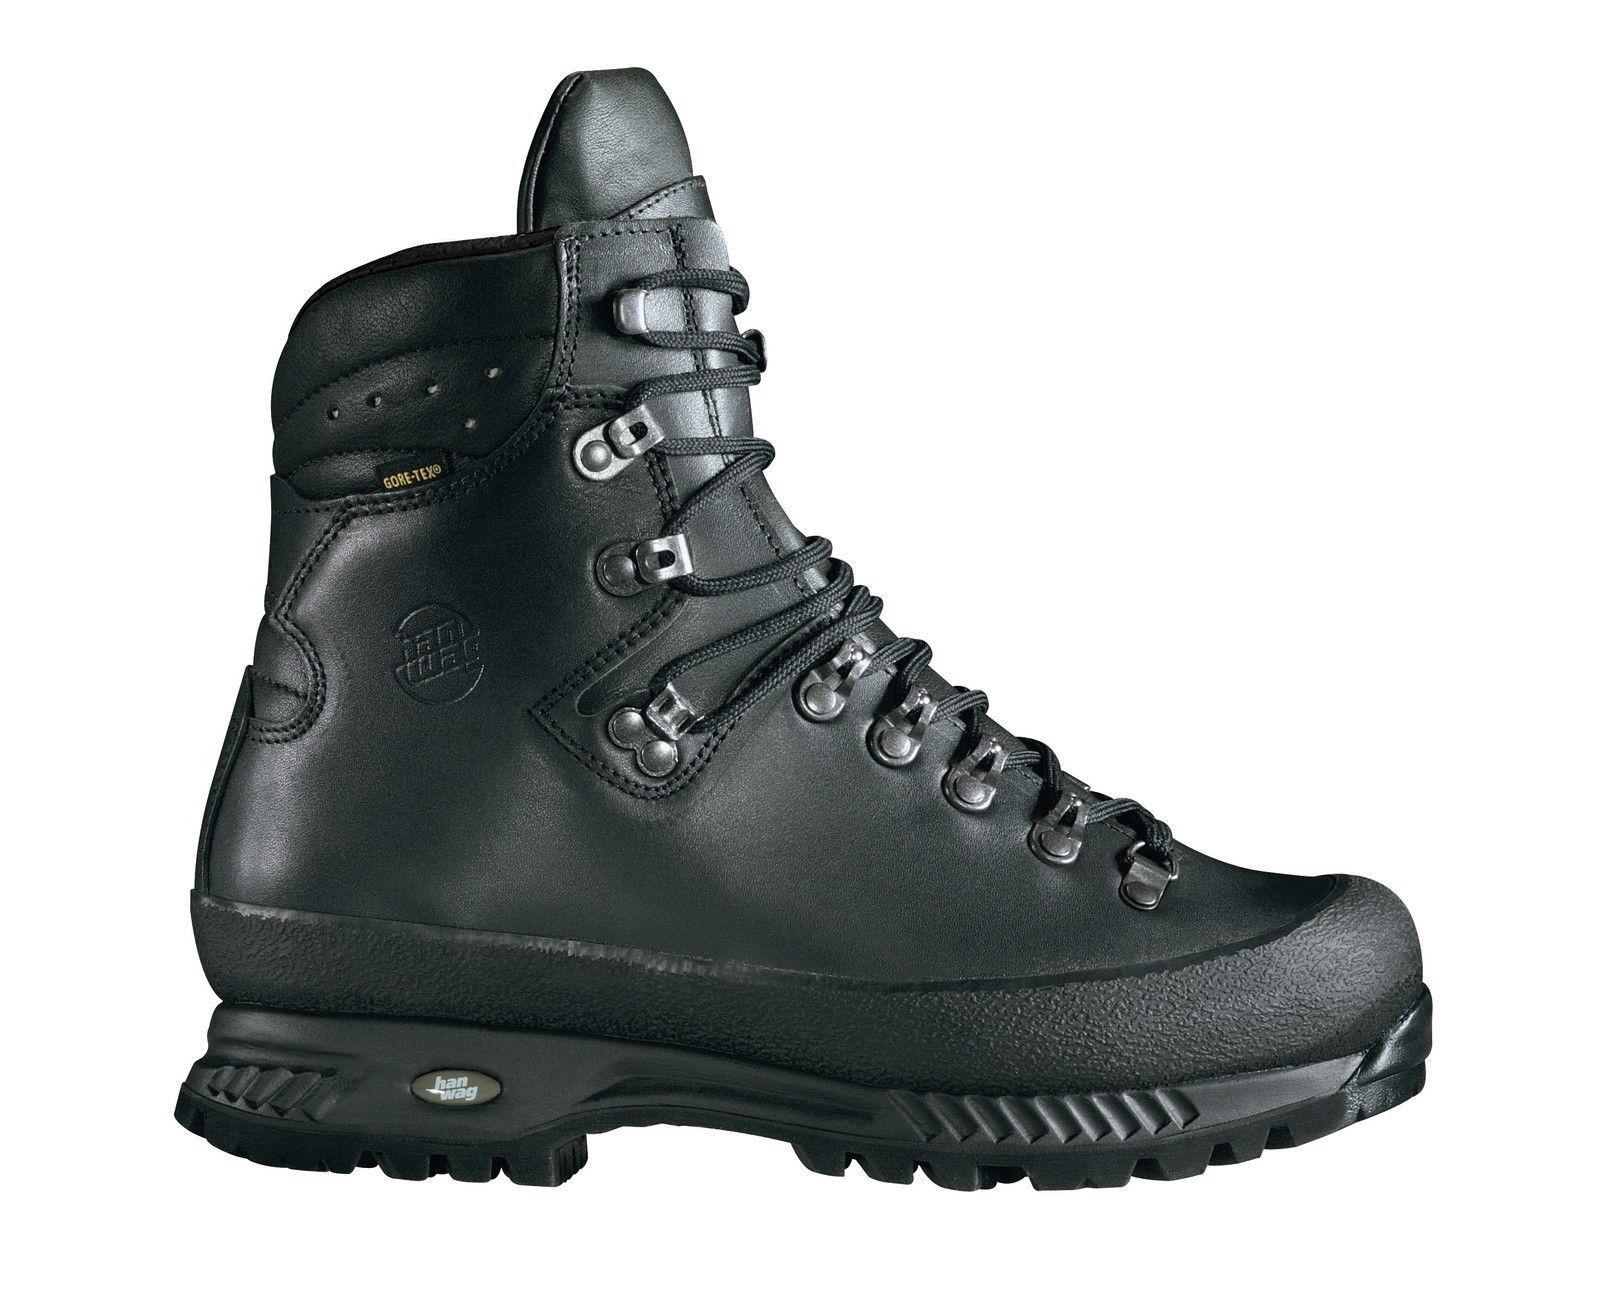 Neue Hanwag Bergschuhe Alaska GTX Men Größe 13,5 (49) black